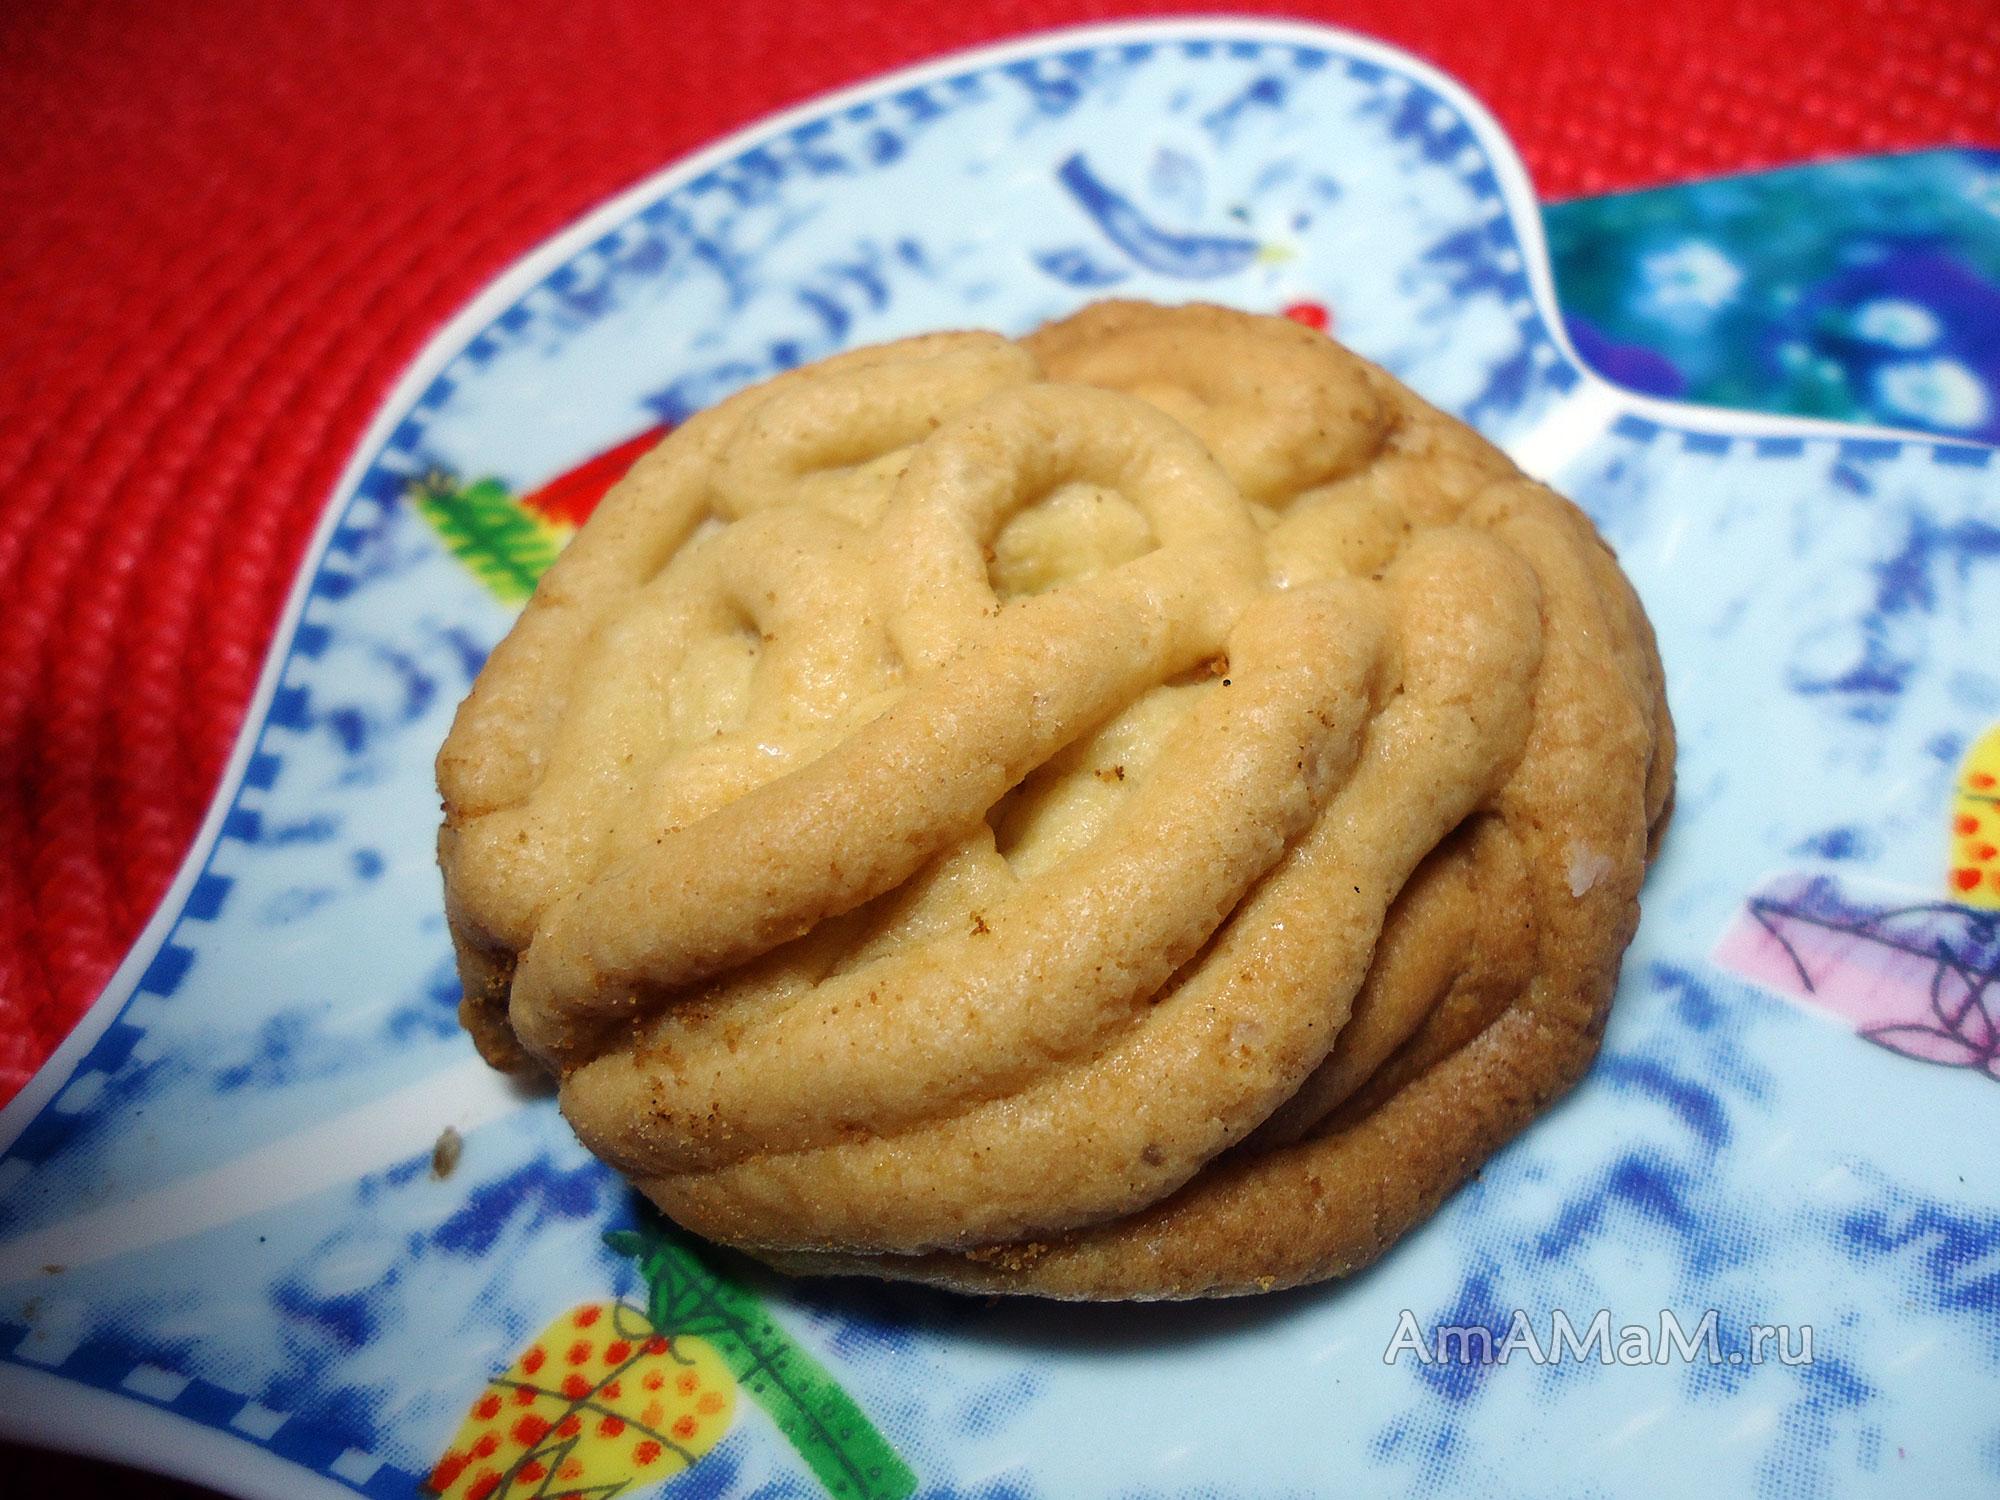 Рецепты печенья с майонезом в домашних условиях